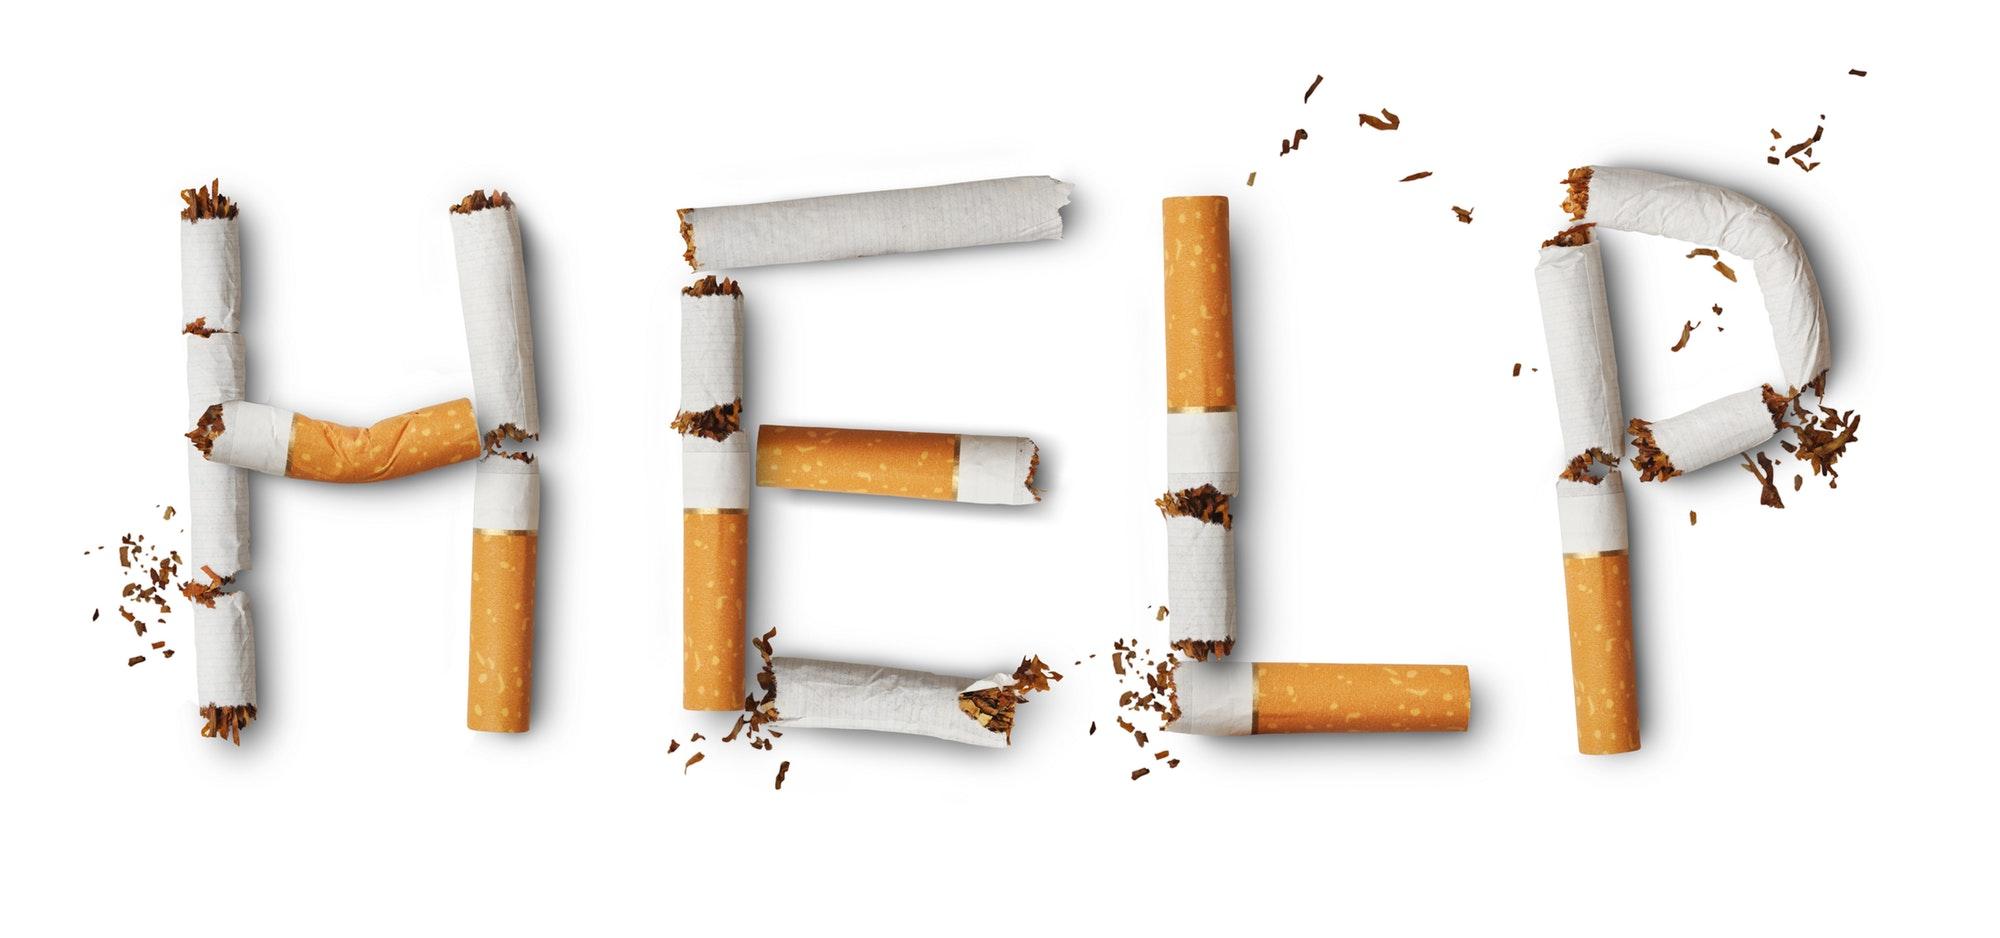 Come si fa a smettere di fumare con sigeretta eletronica